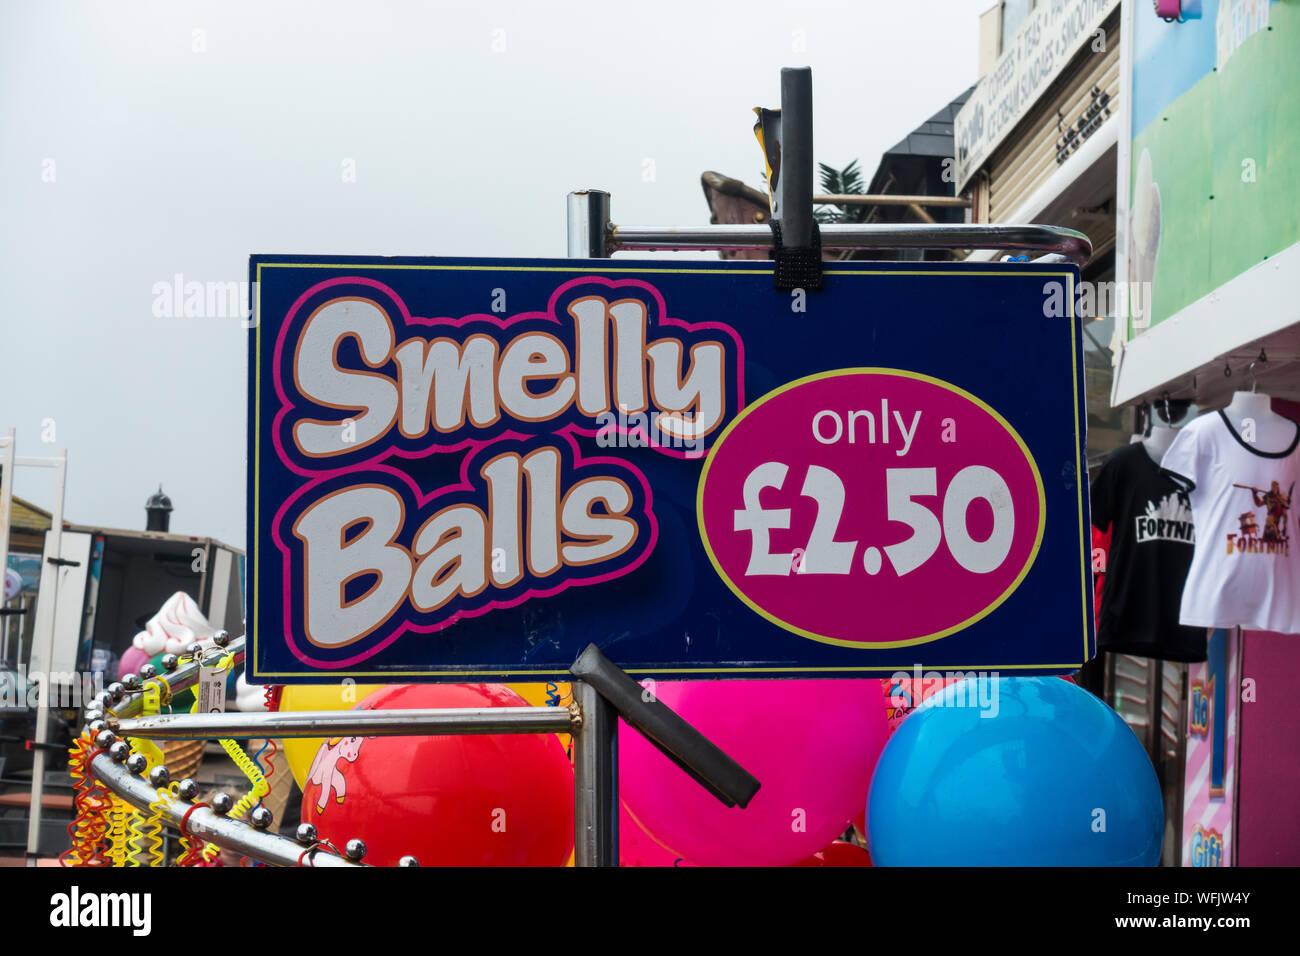 sign-outside-shop-selling-seaside-novelties-bridlington-east-yorkshire-2019-WFJW4Y.jpg